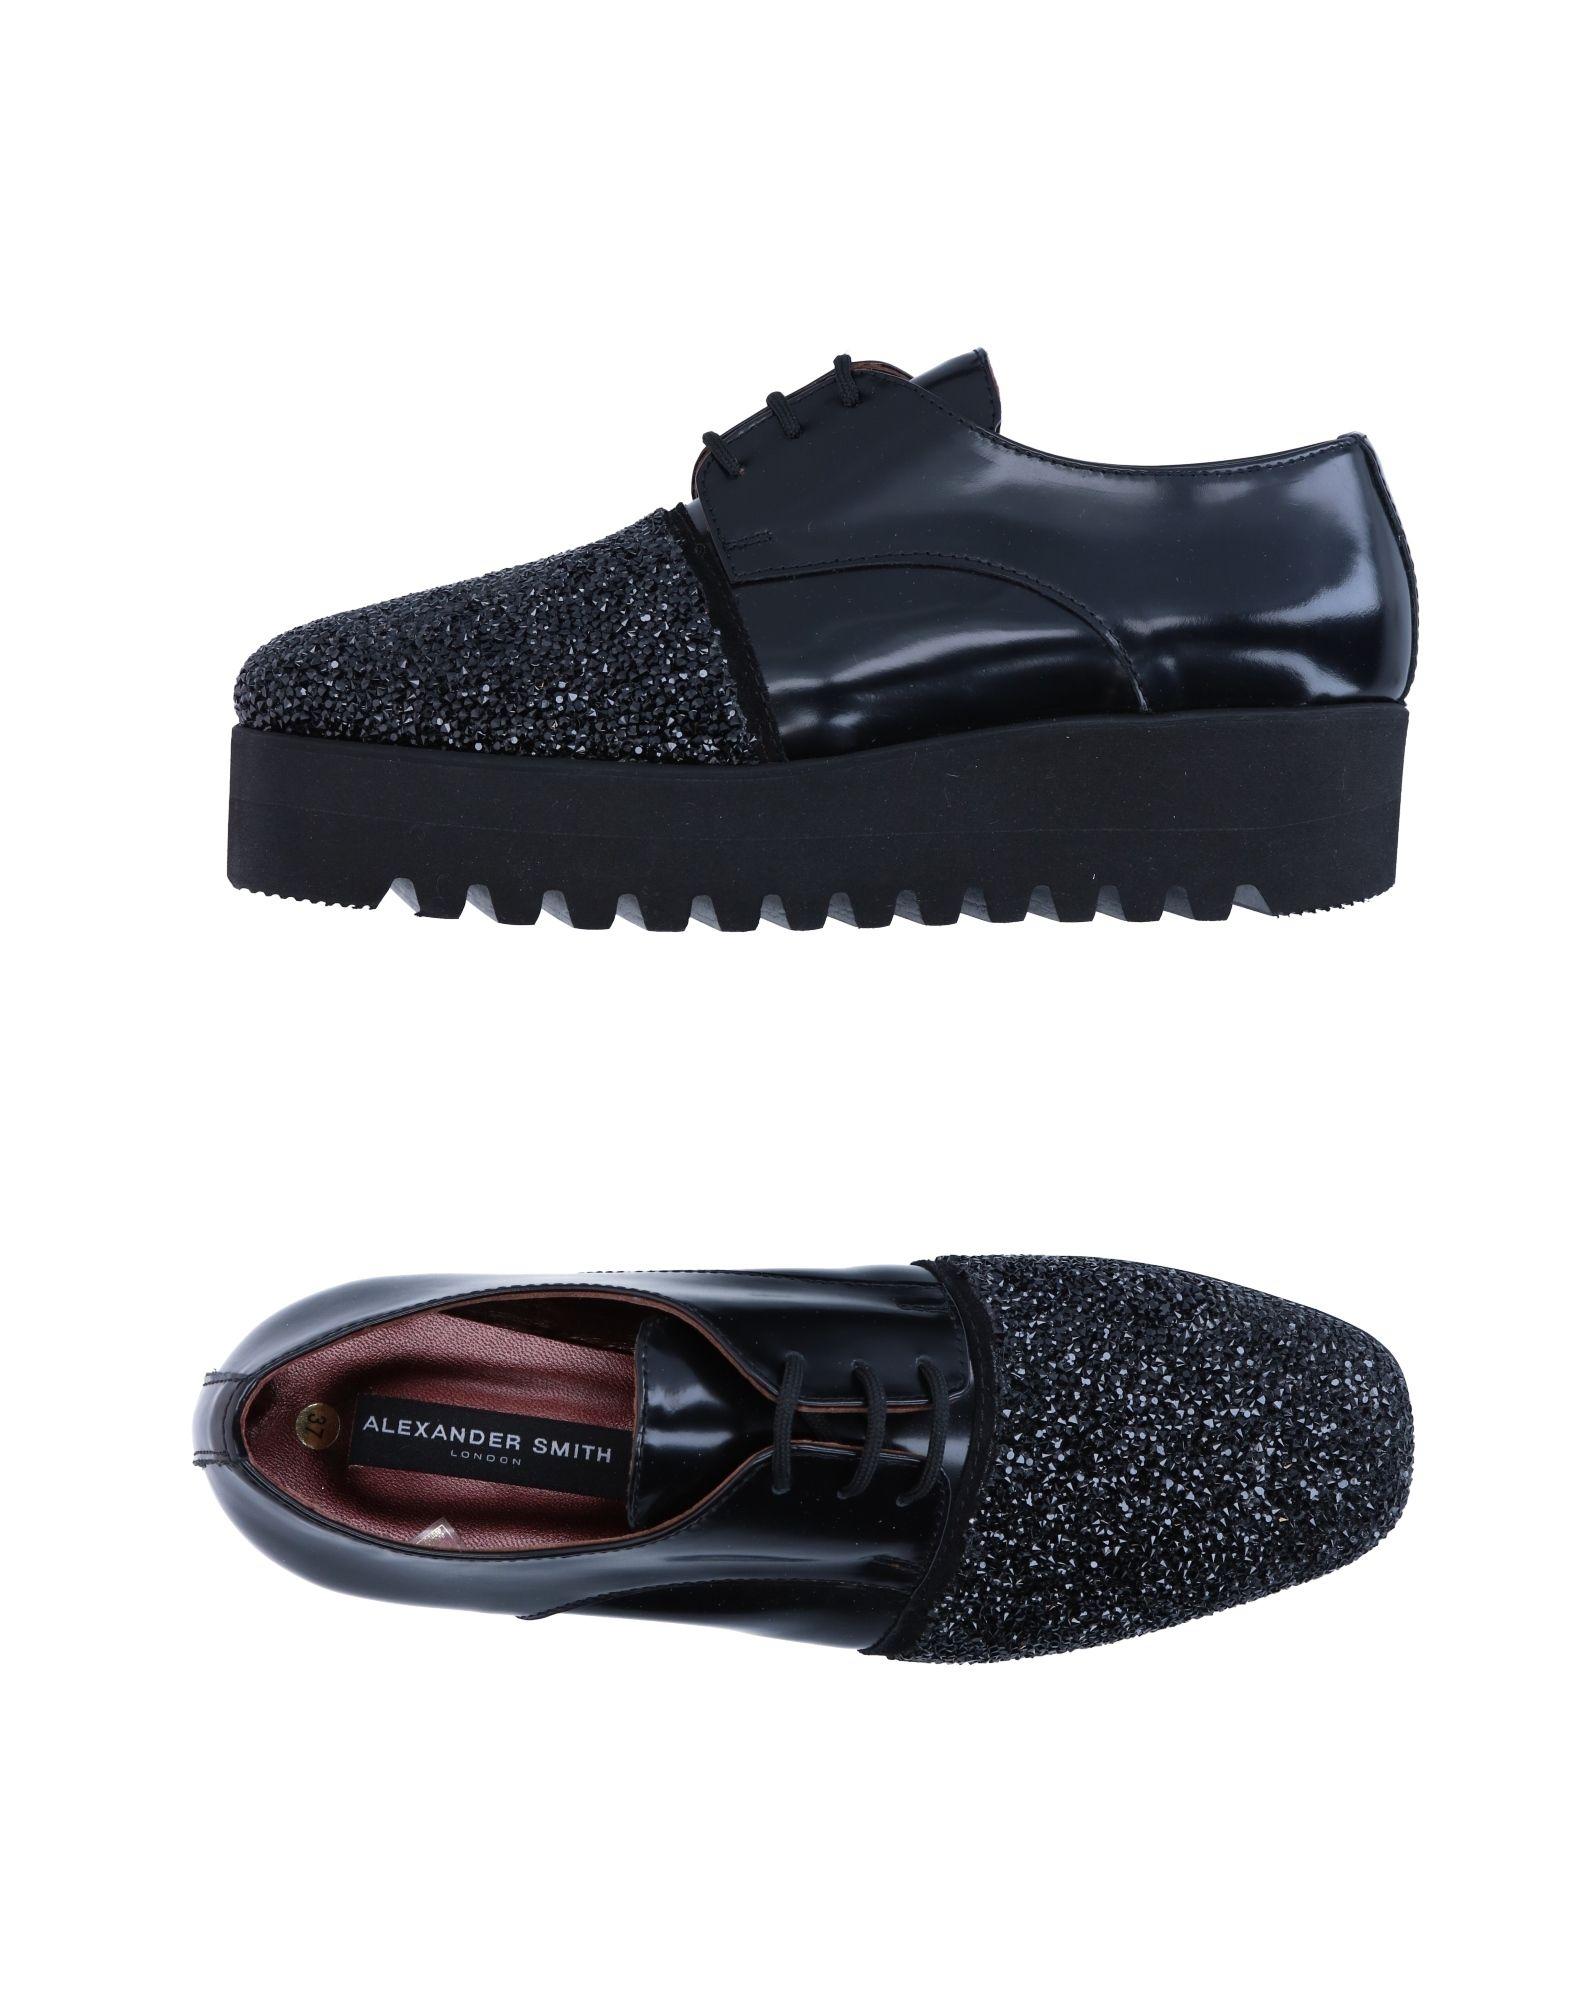 Stilvolle billige Schuhe Alexander Smith Schnürschuhe Damen  11277461VG